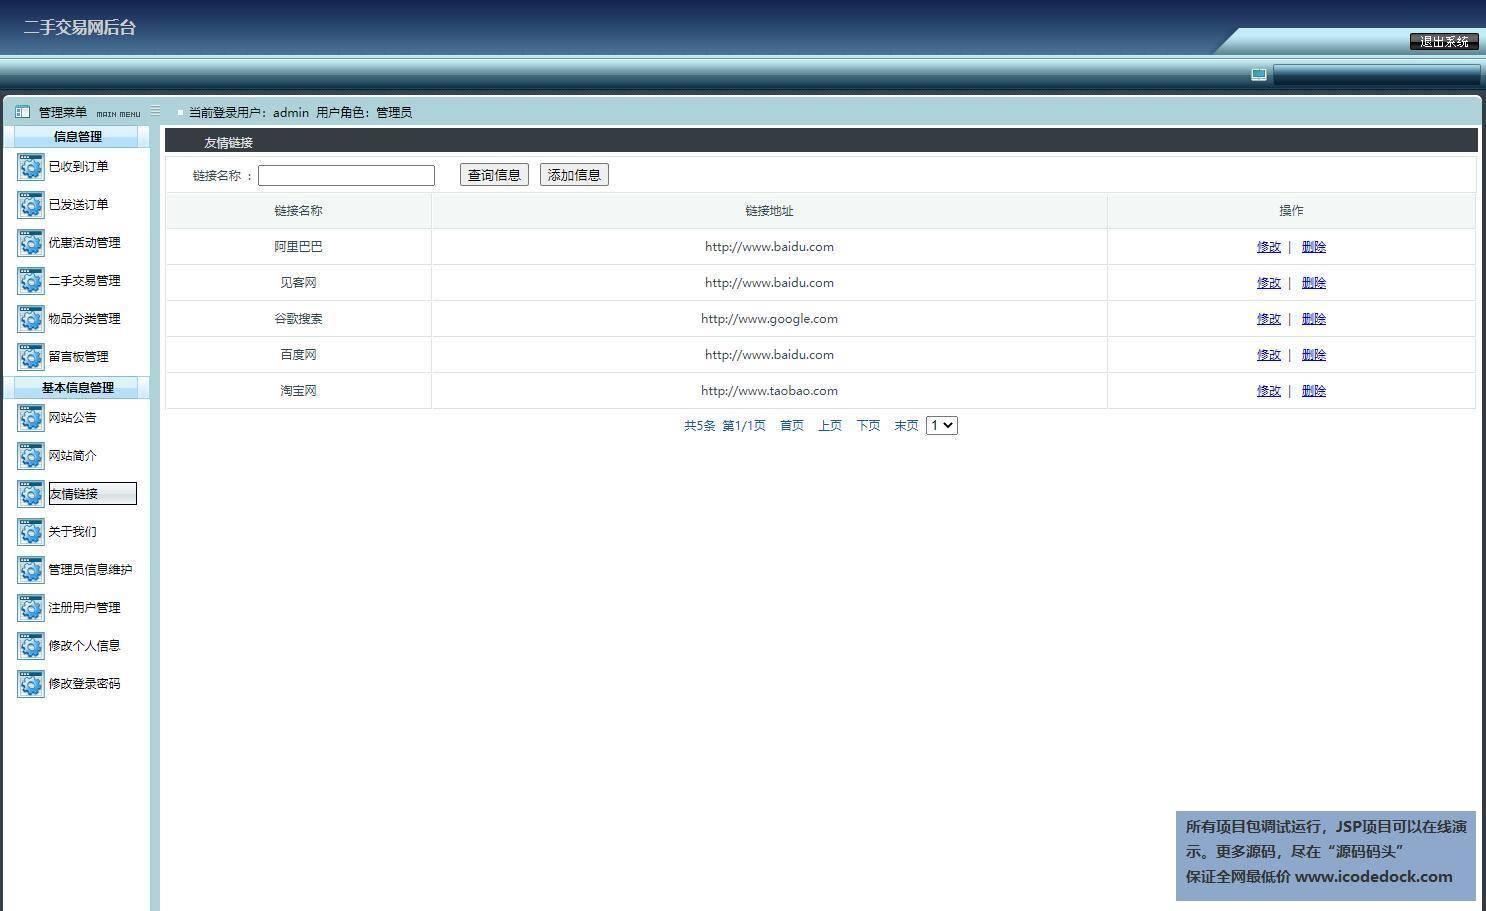 源码码头-JSP校园二手物品交易平台网站-管理员角色-友情链接管理